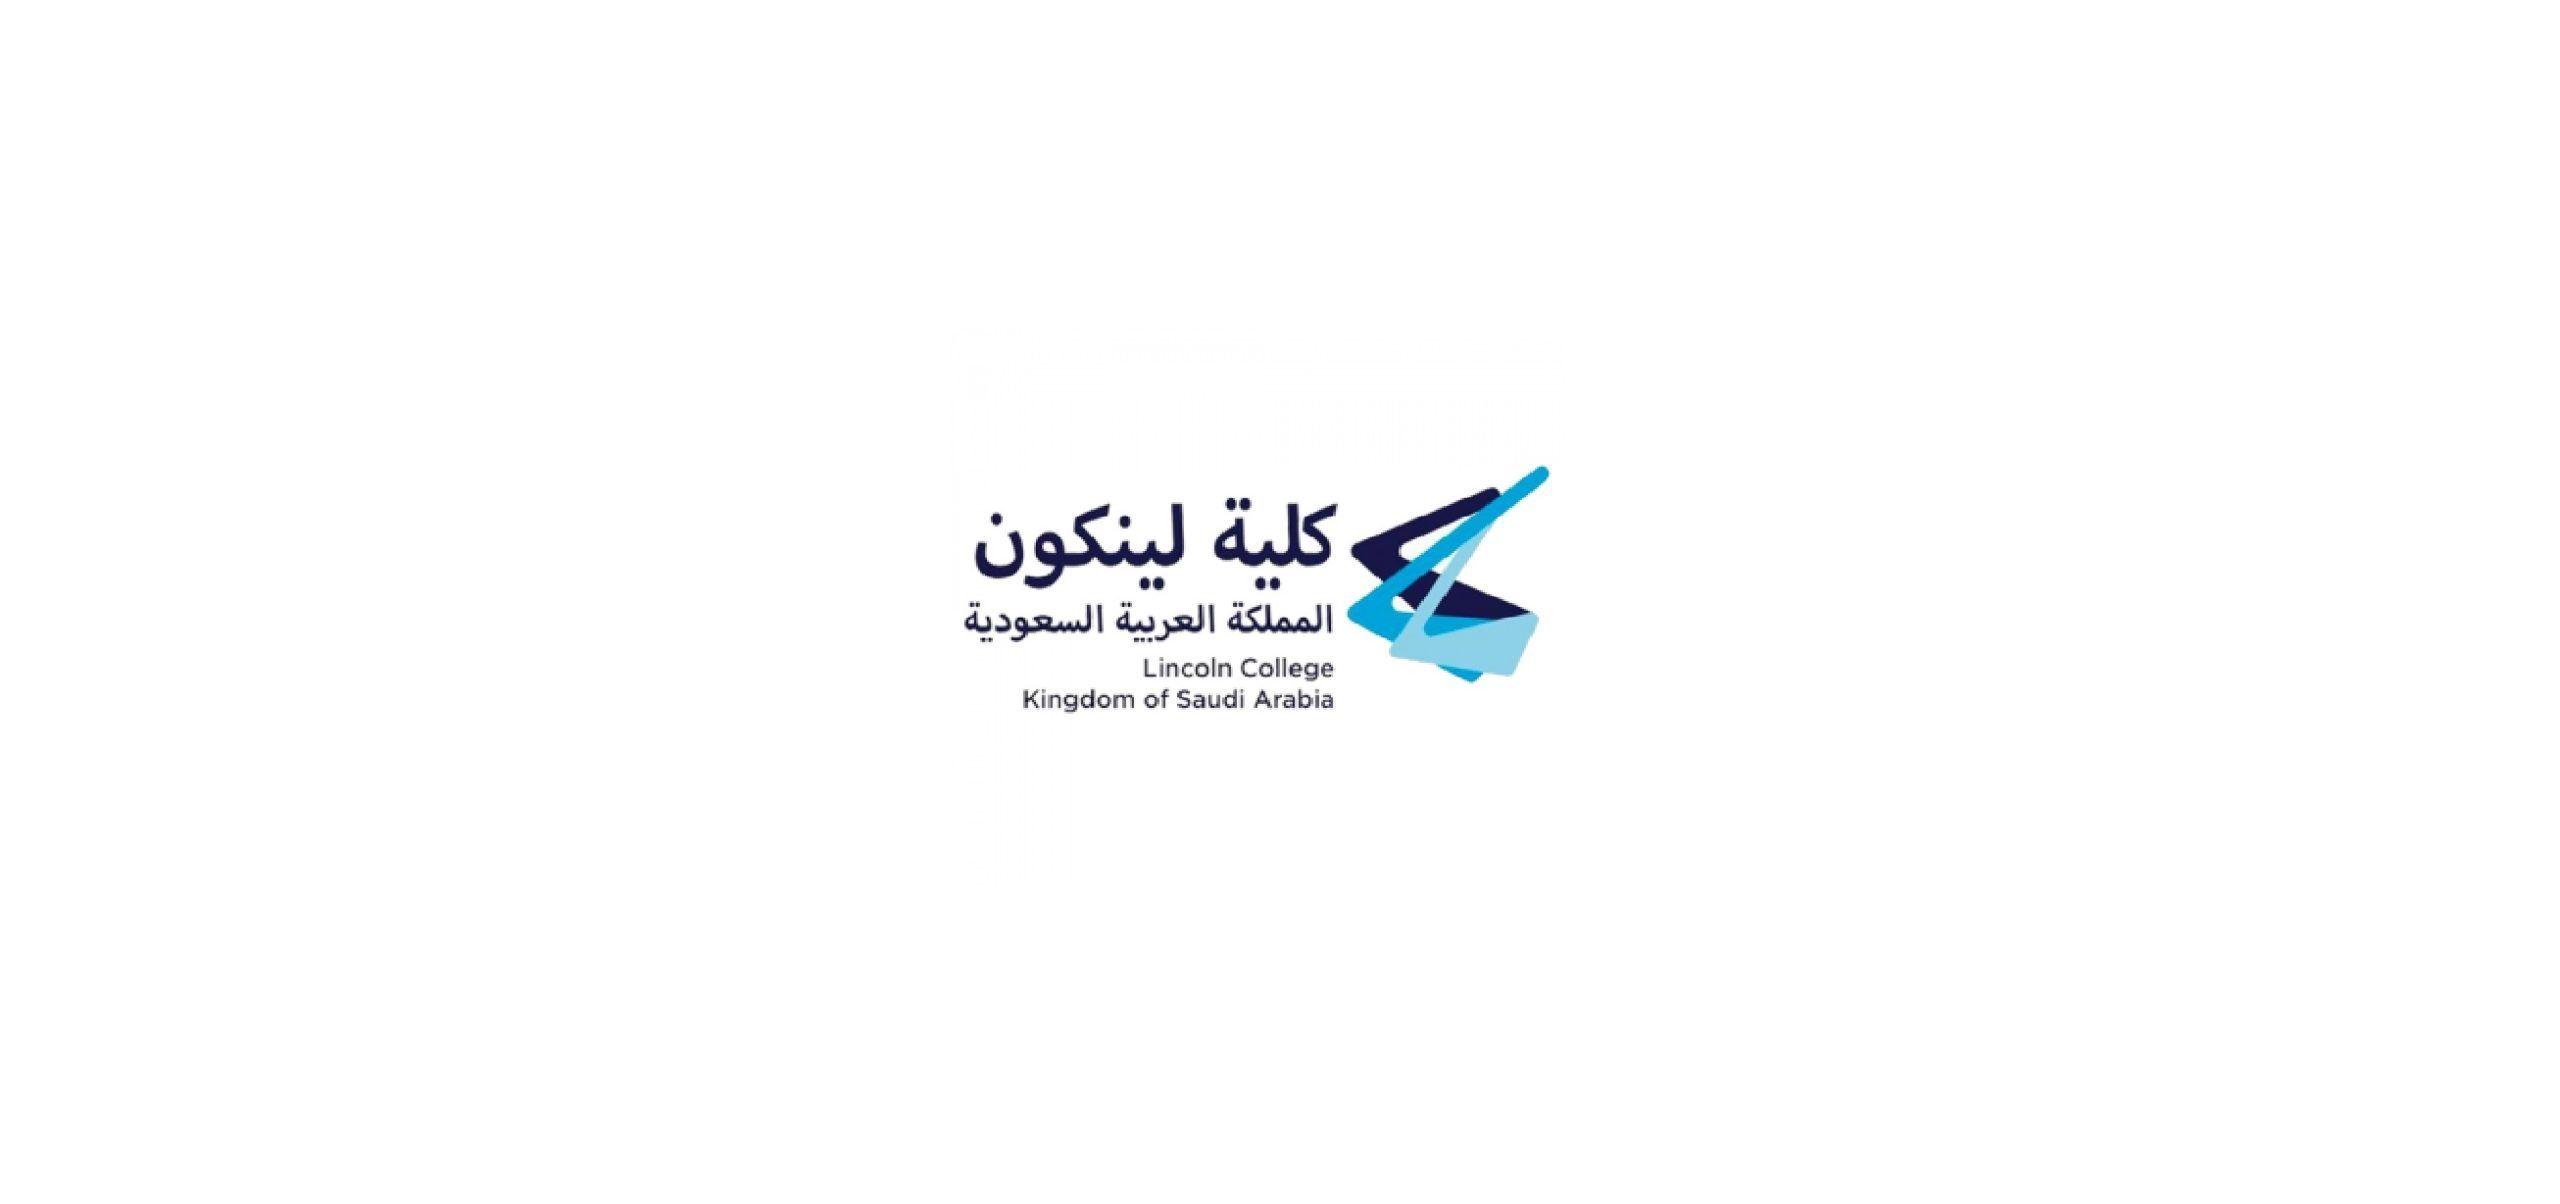 كليات لينكون العالمية تعلن طرح وظائف شاغرة لخريجي الدعم الفني من النساء في مدينة القطيف بمسمى أ Logos